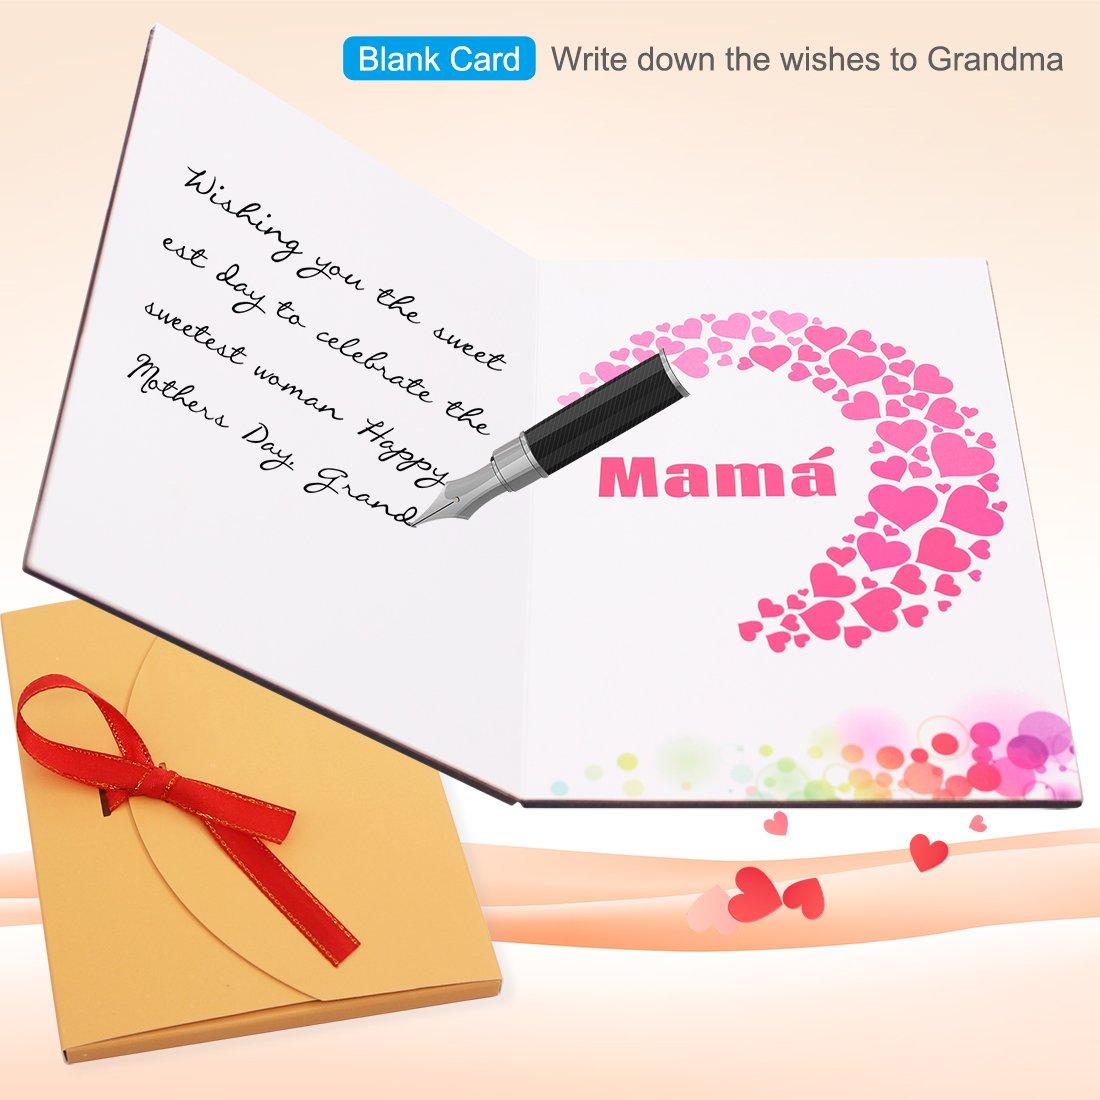 Tarjeta de felicitaci/ón amorosa de madera de nogal hecha a mano de Creawoo con caja tarjeta regalo /única La mejor idea de regalo para cumplea/ños San Valent/ín y aniversarios.